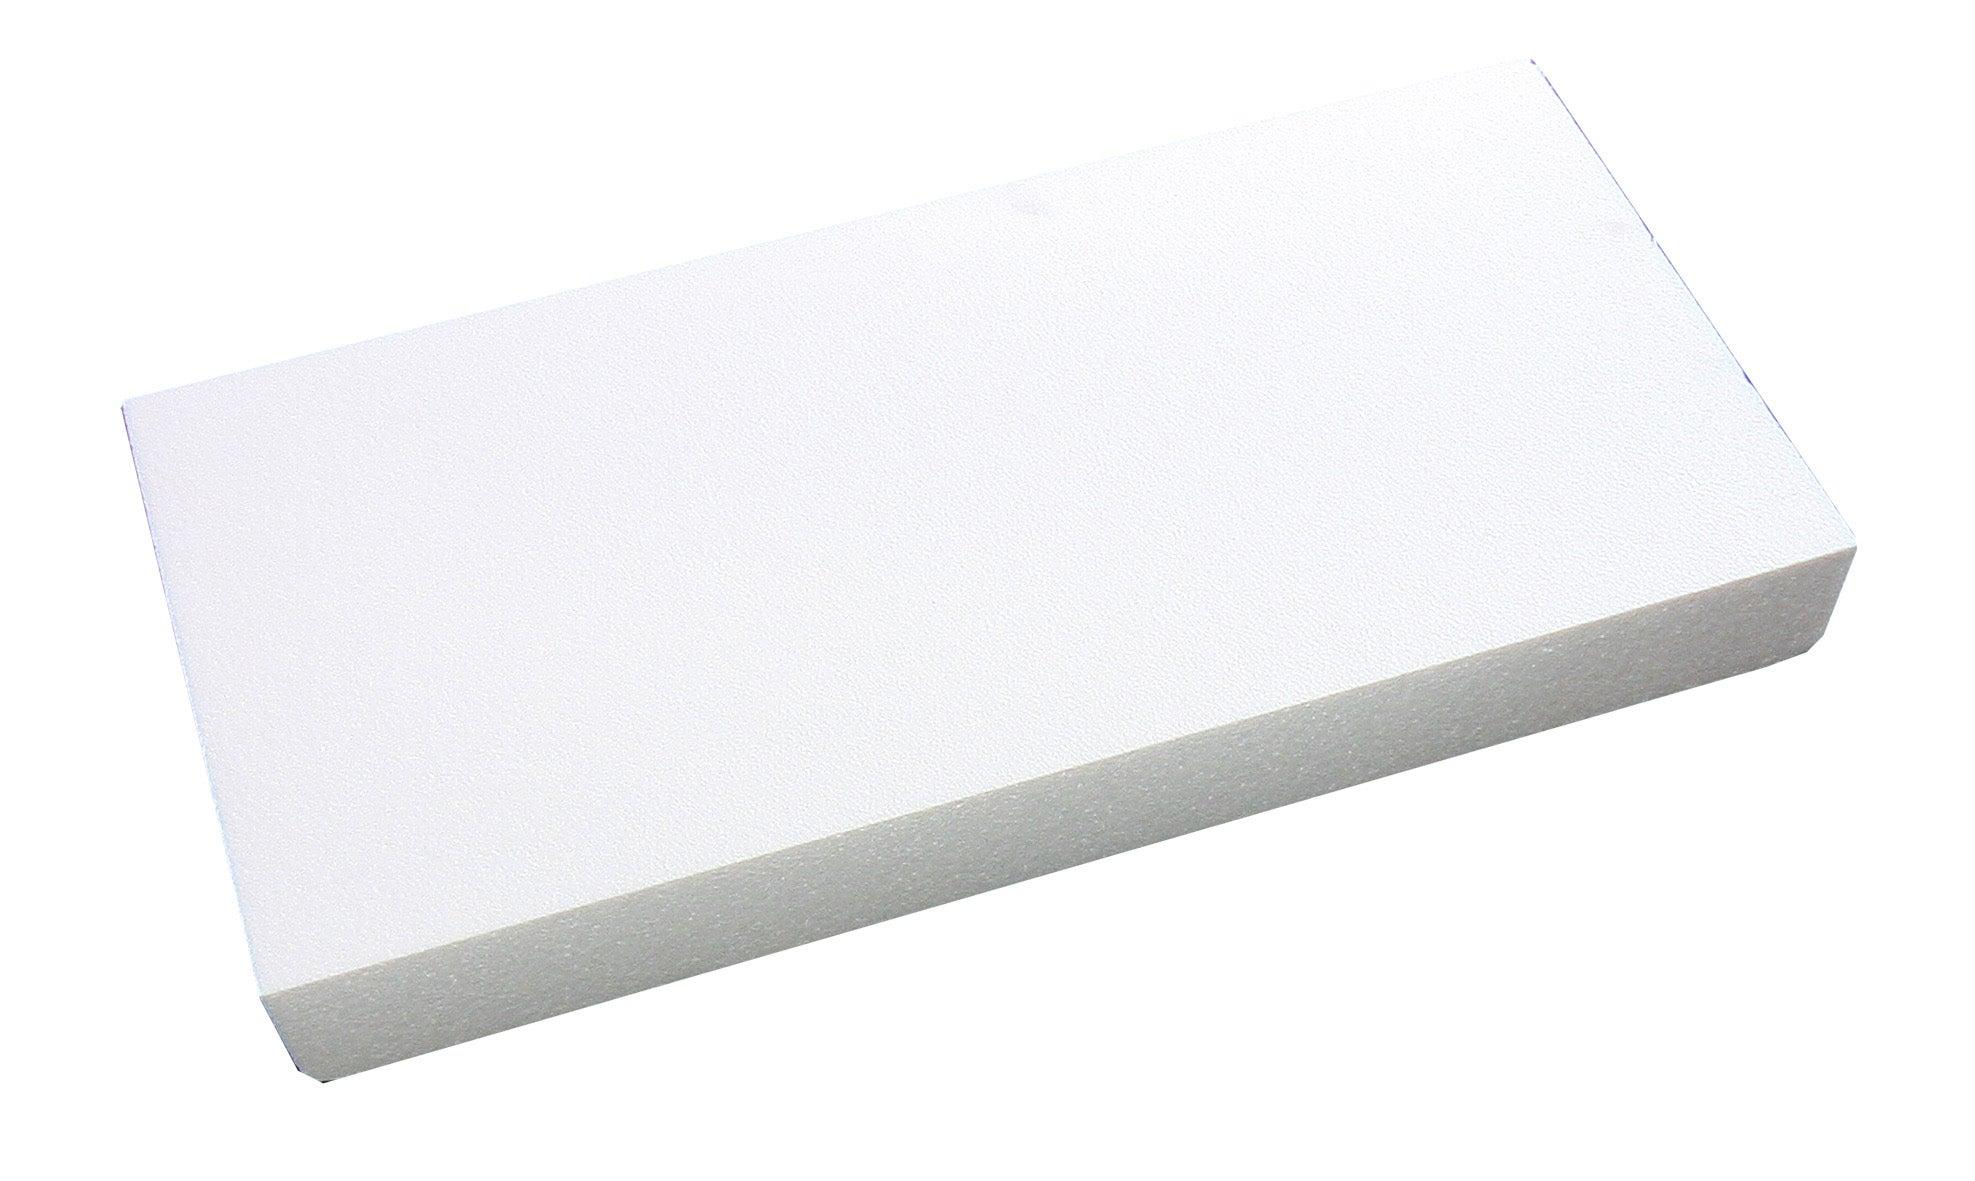 Polystyrene Expanse Pour Iso Thermique Par L Ext Prb 1 2x0 6m Ep 60mm Leroy Merlin